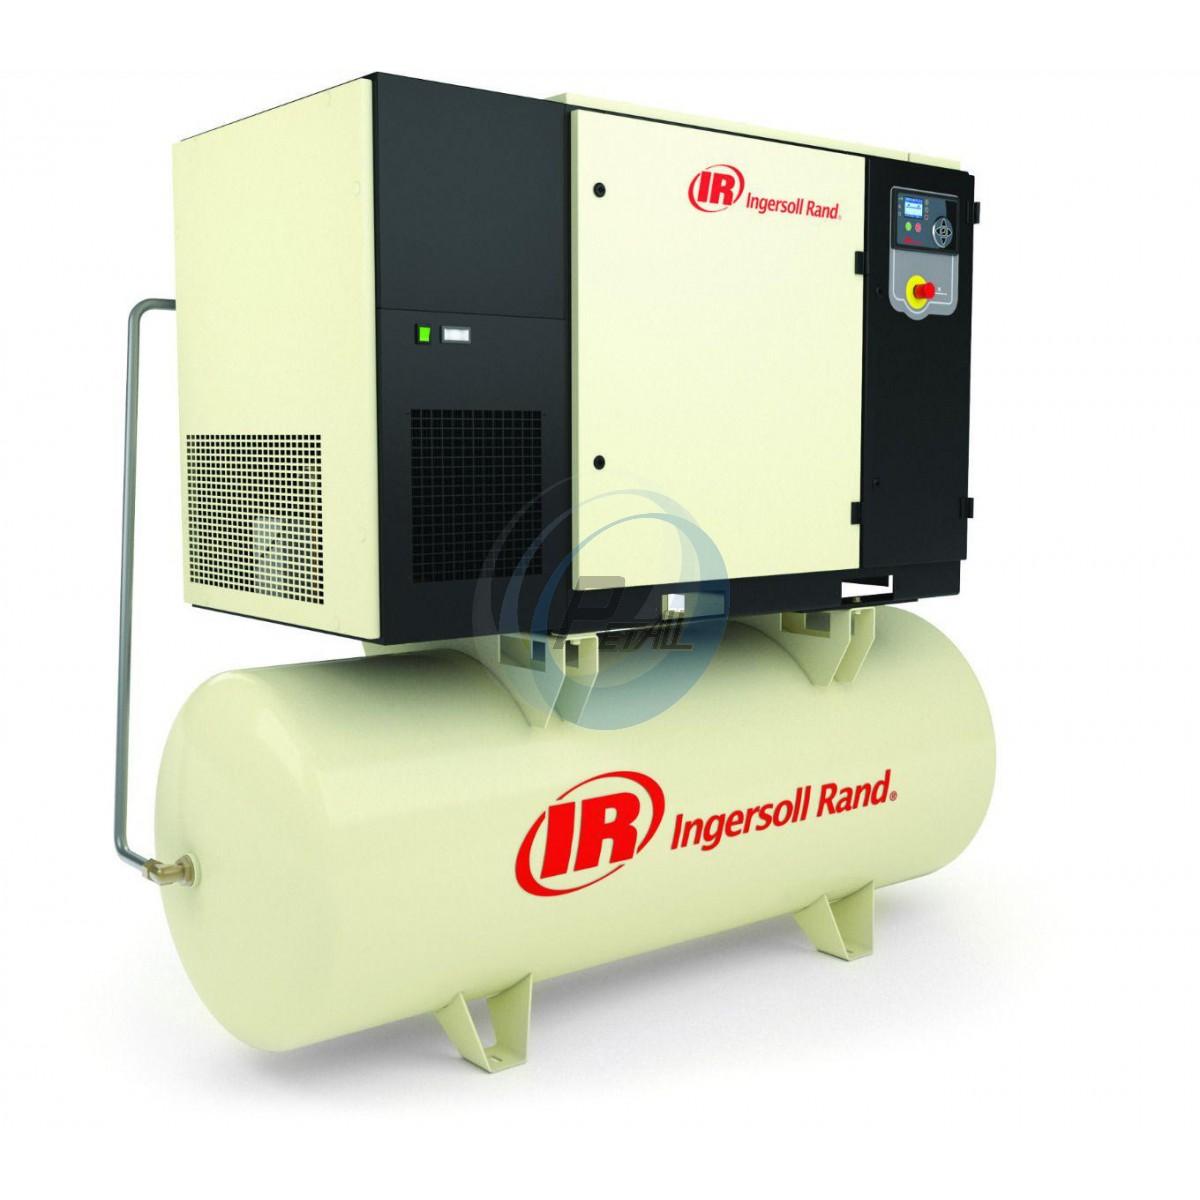 COMPRESSEUR INGERSOLL RAND P101 - Groupe électrogène d